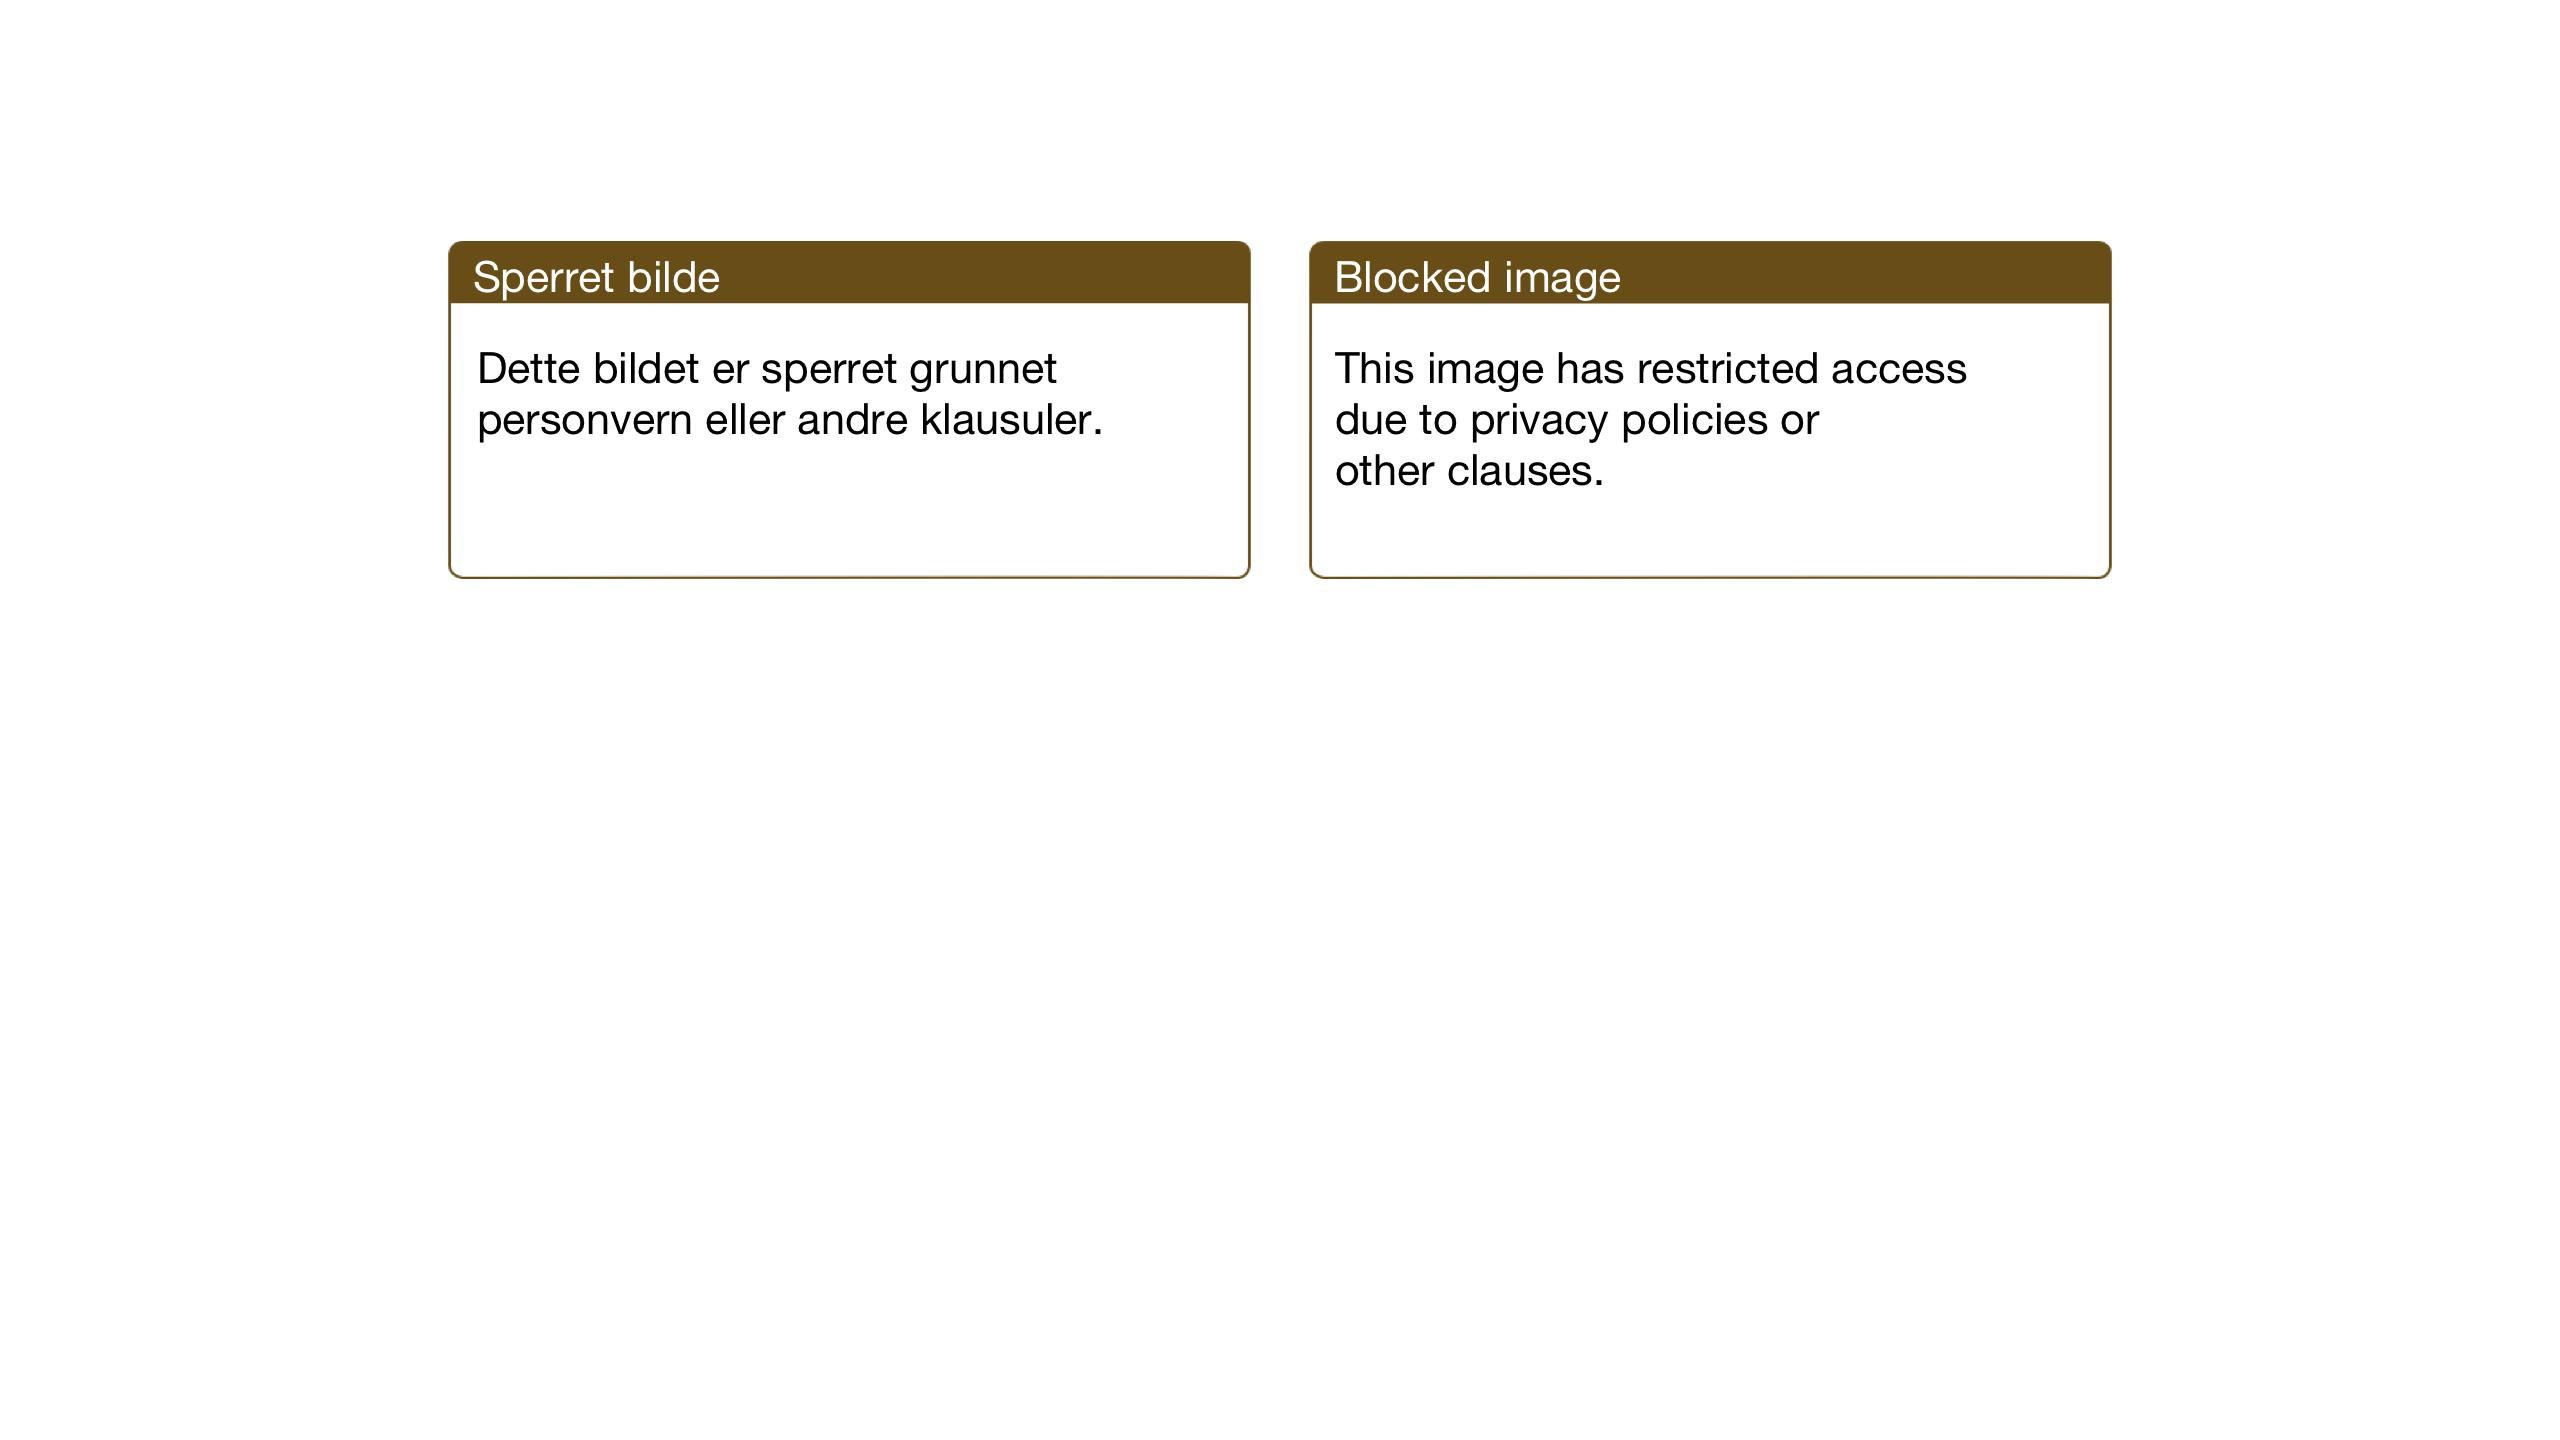 SAT, Ministerialprotokoller, klokkerbøker og fødselsregistre - Nord-Trøndelag, 714/L0136: Klokkerbok nr. 714C05, 1918-1957, s. 209